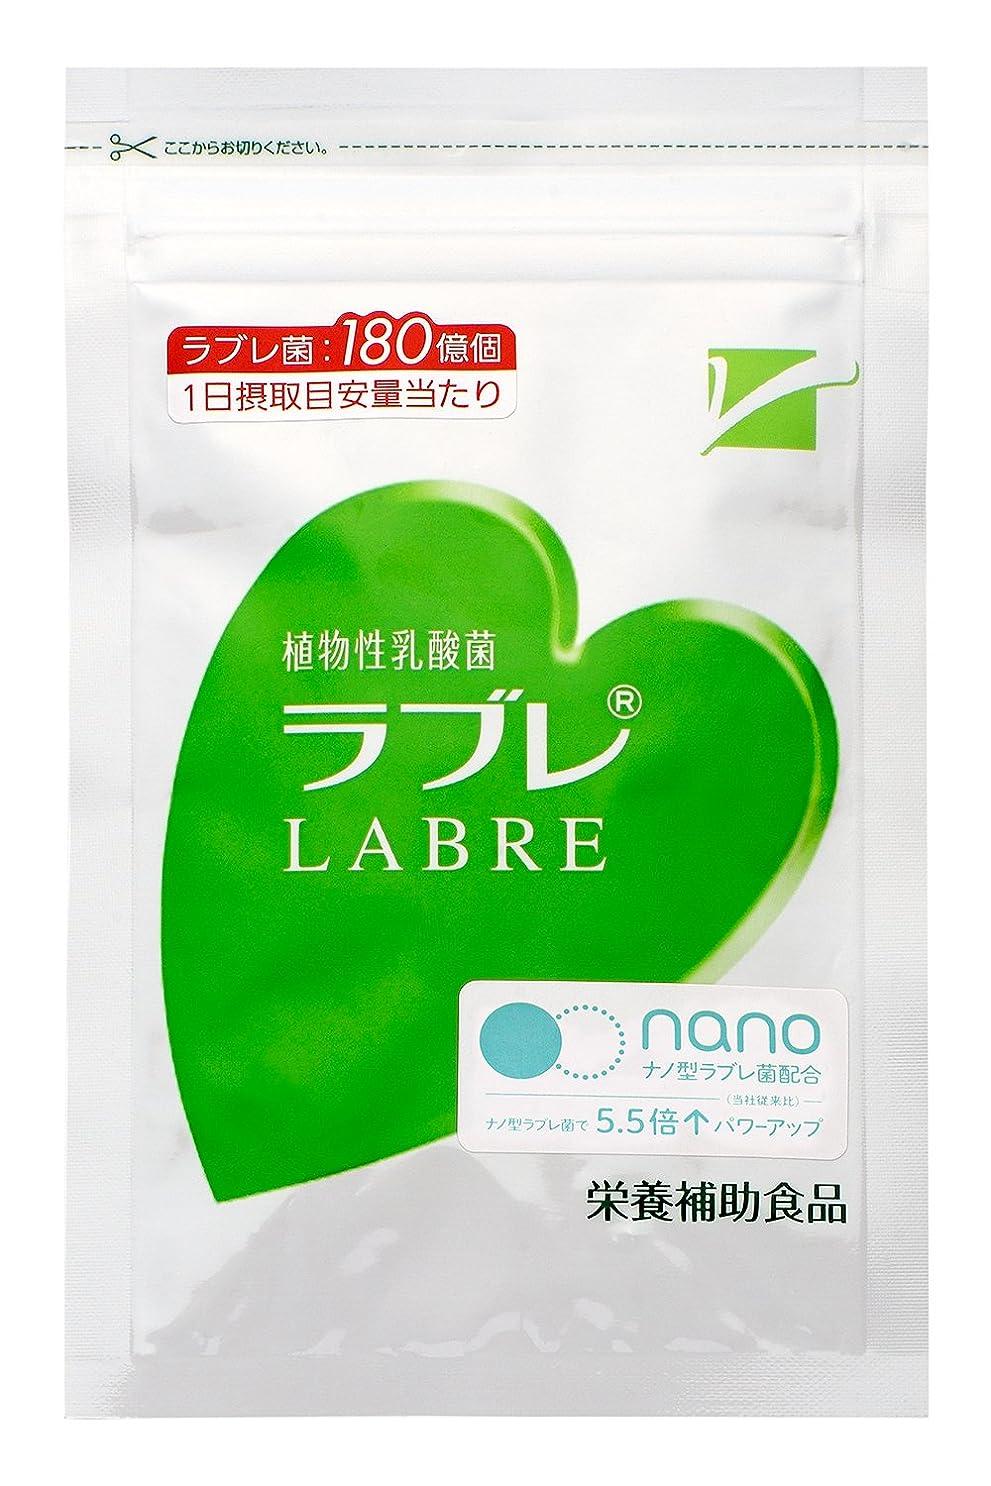 メタン騙す無関心Labre 植物性乳酸菌ラブレ?お試し8日間 12g(48粒?約8日分) ナノ型ラブレ菌配合 乳酸菌